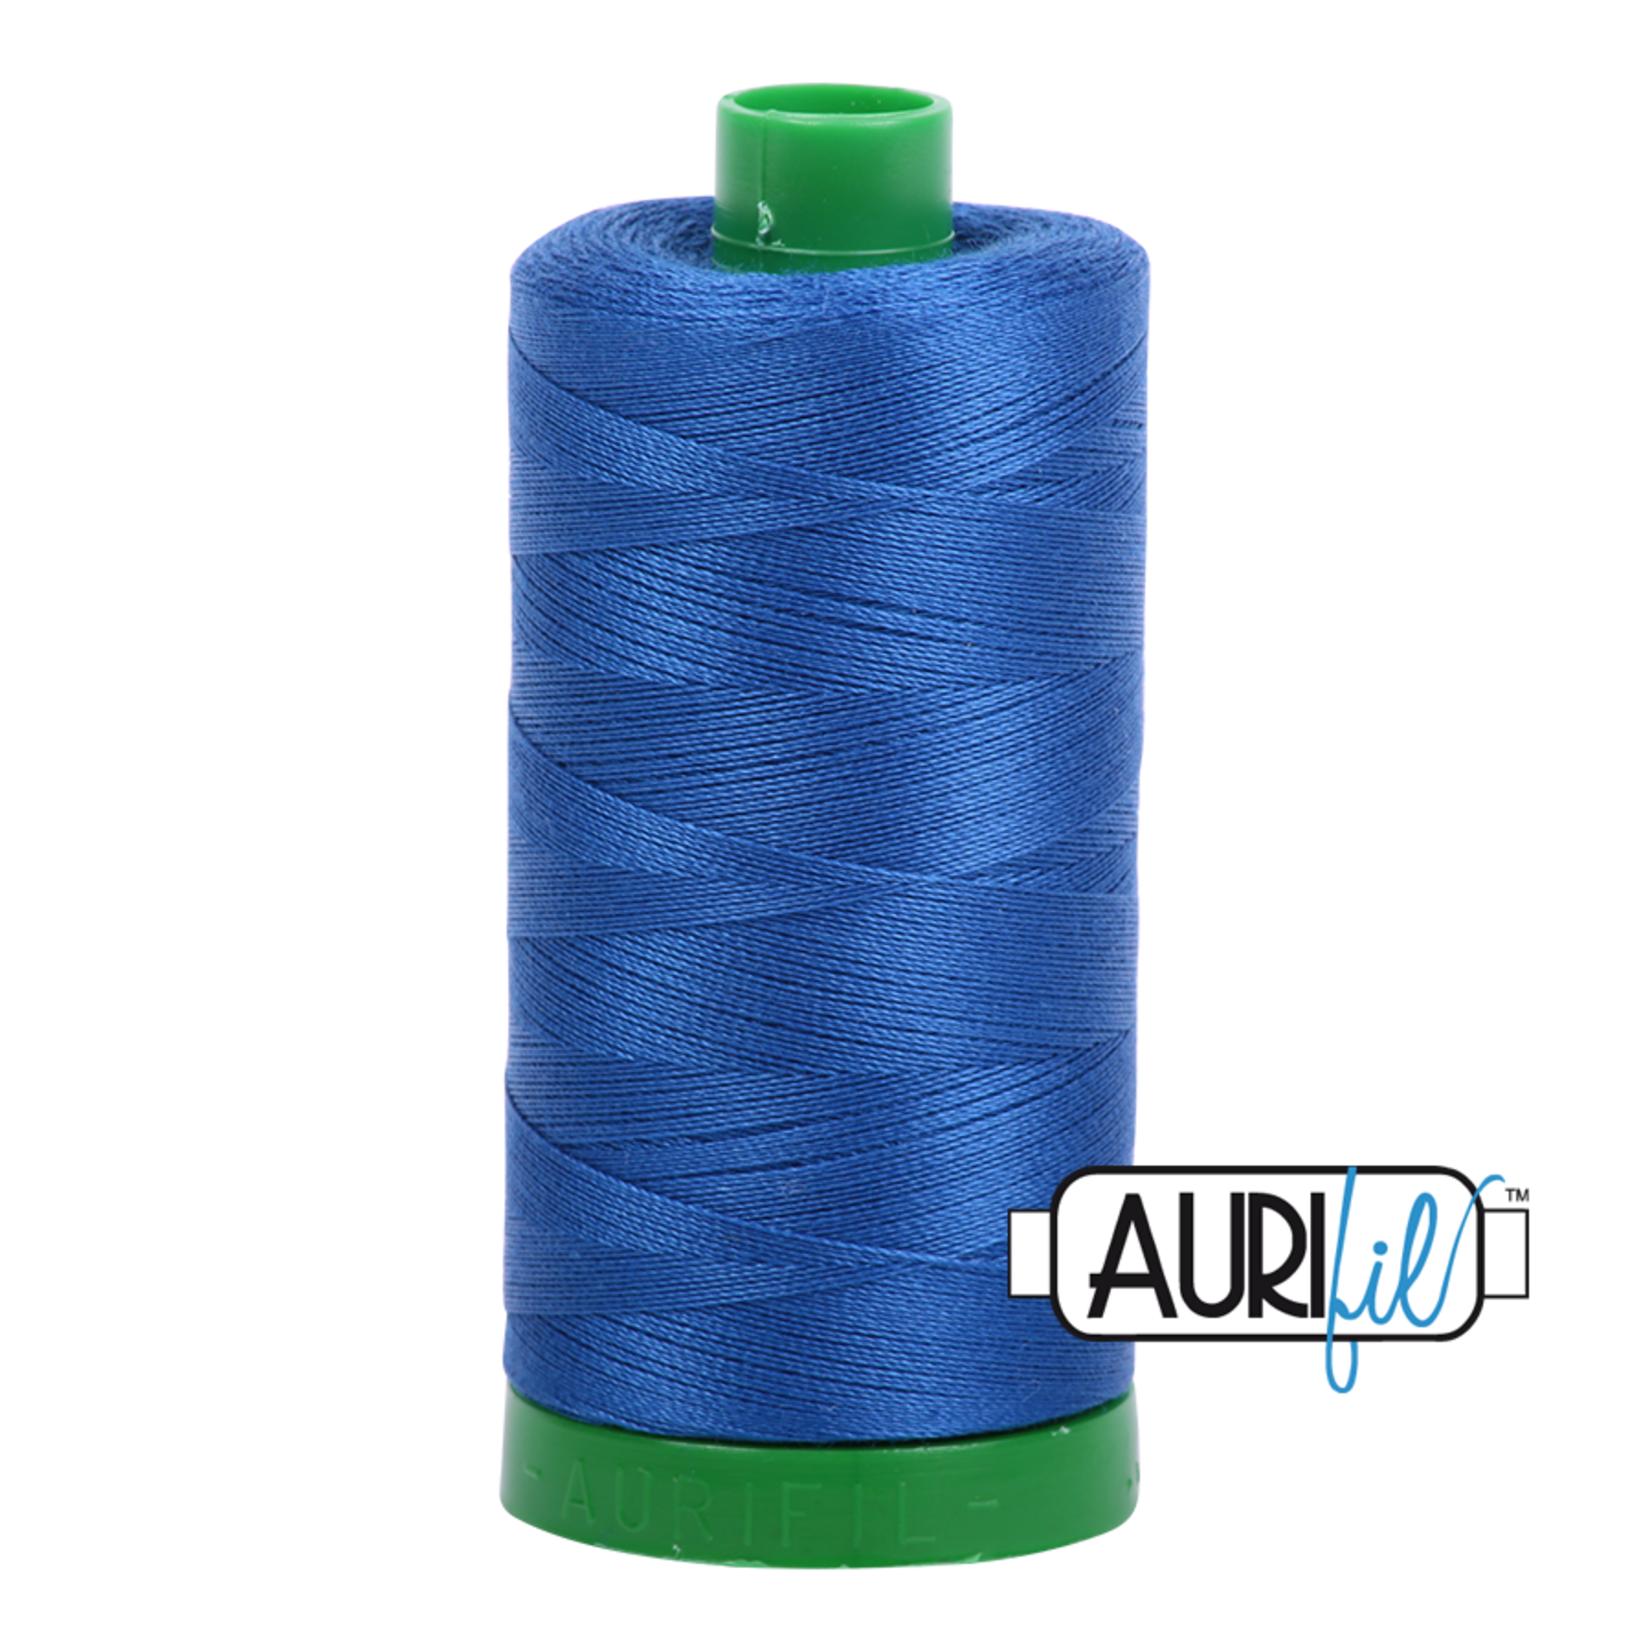 AURIFIL AURIFIL 40 WT Medium Blue 2735